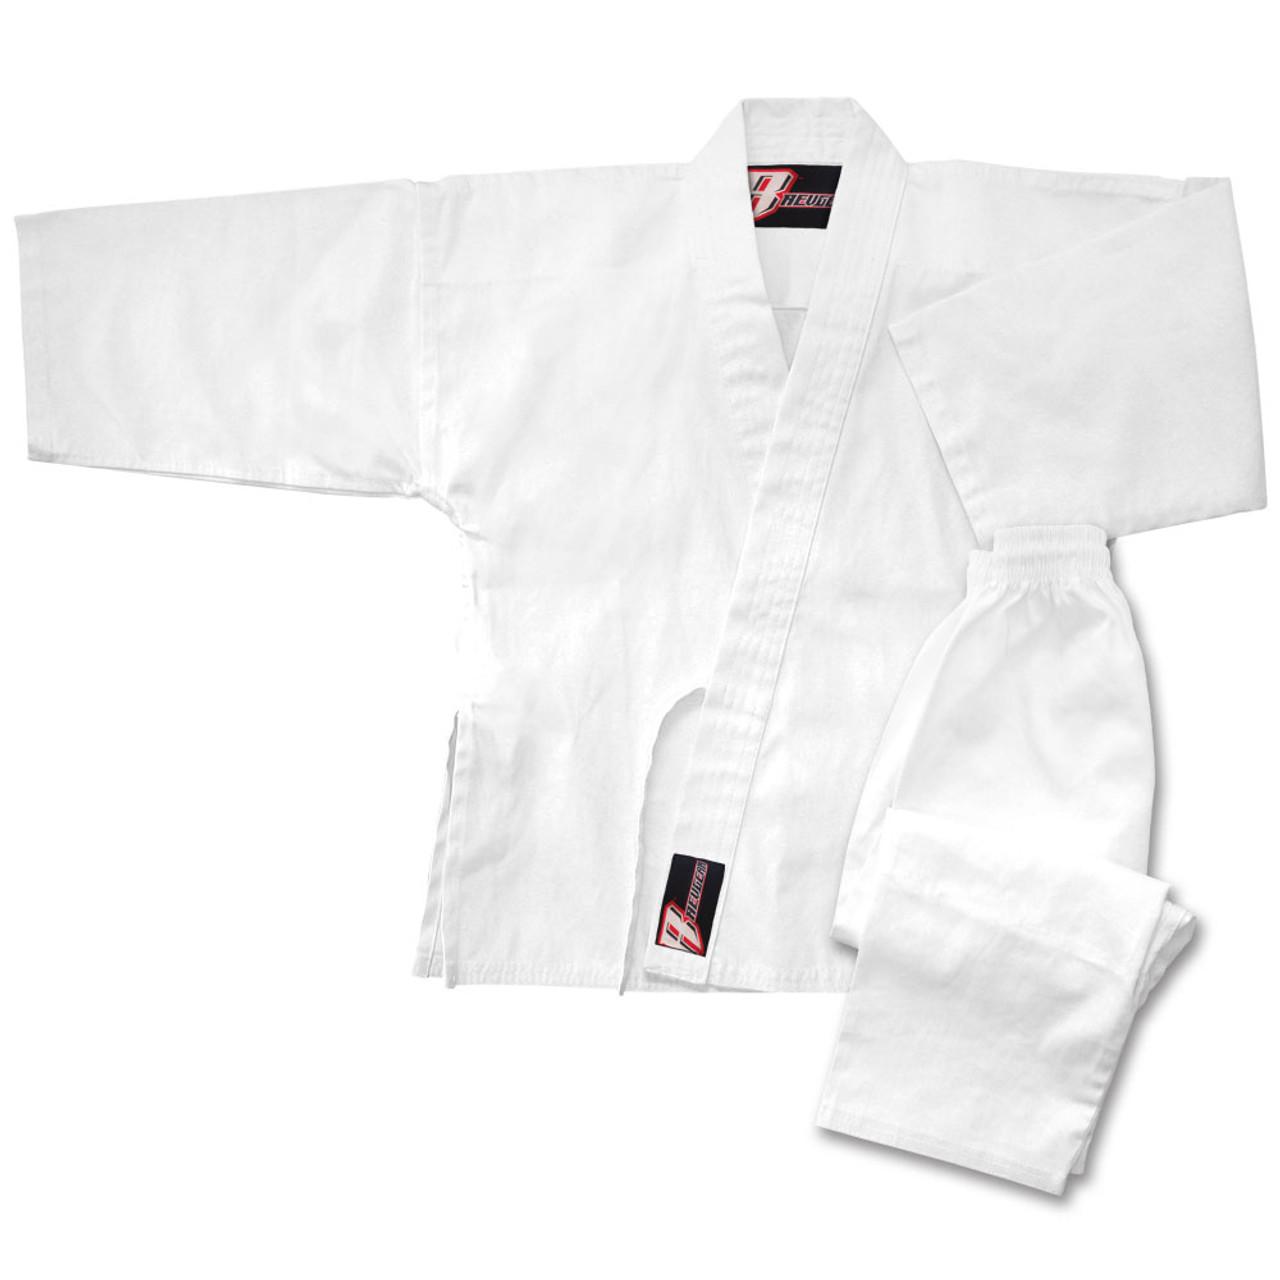 Revgear 7-Ounce Lightweight Karate Student Uniform